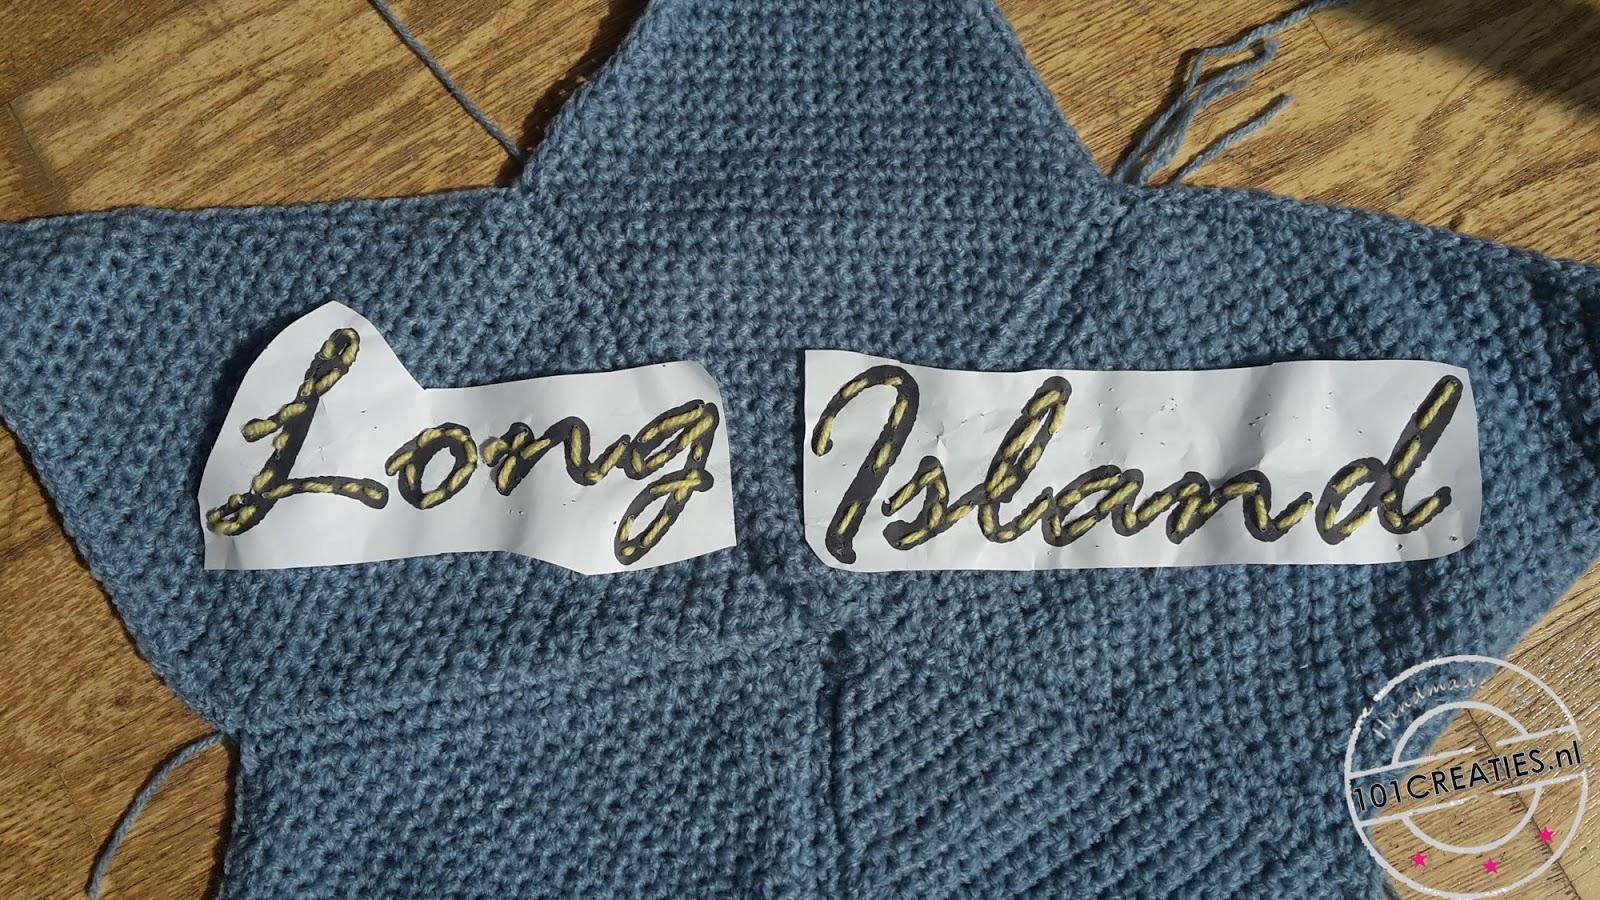 Haken Kussen Ster Long Island 101 Creaties